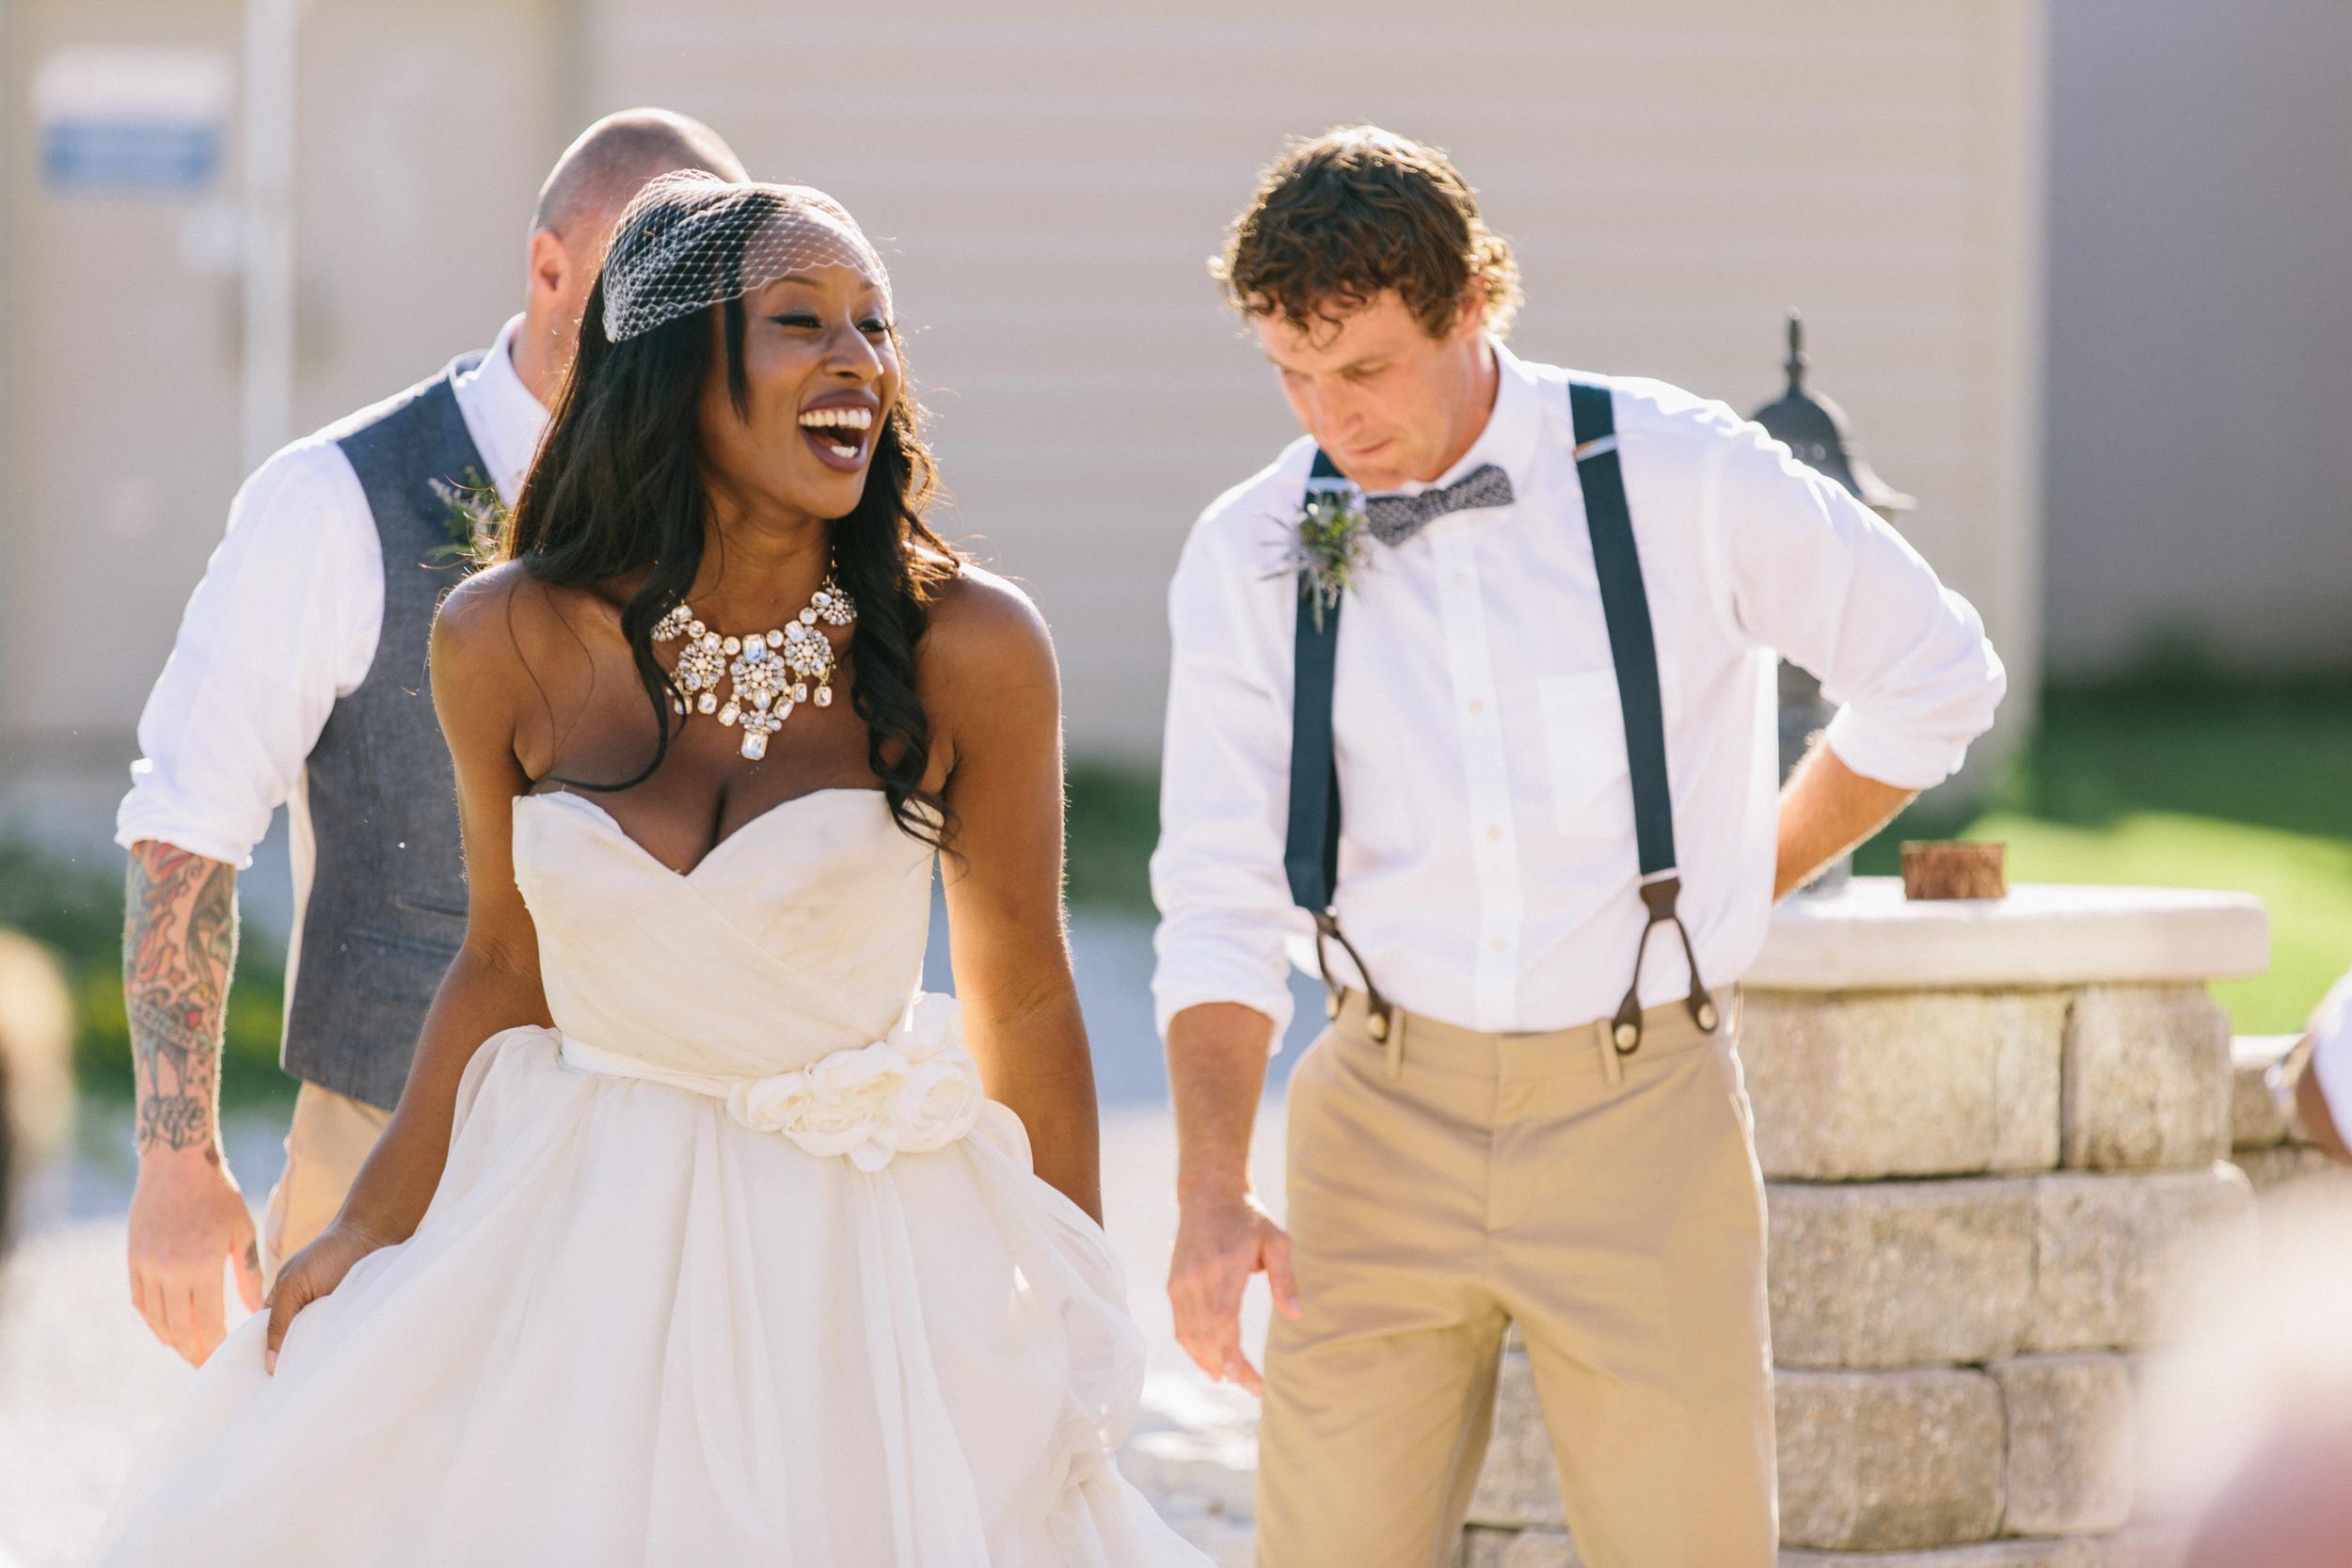 michael-rousseau-photography-shannae-ingleton-wedding-sean-craigleith-ski-club-wedding056.jpg